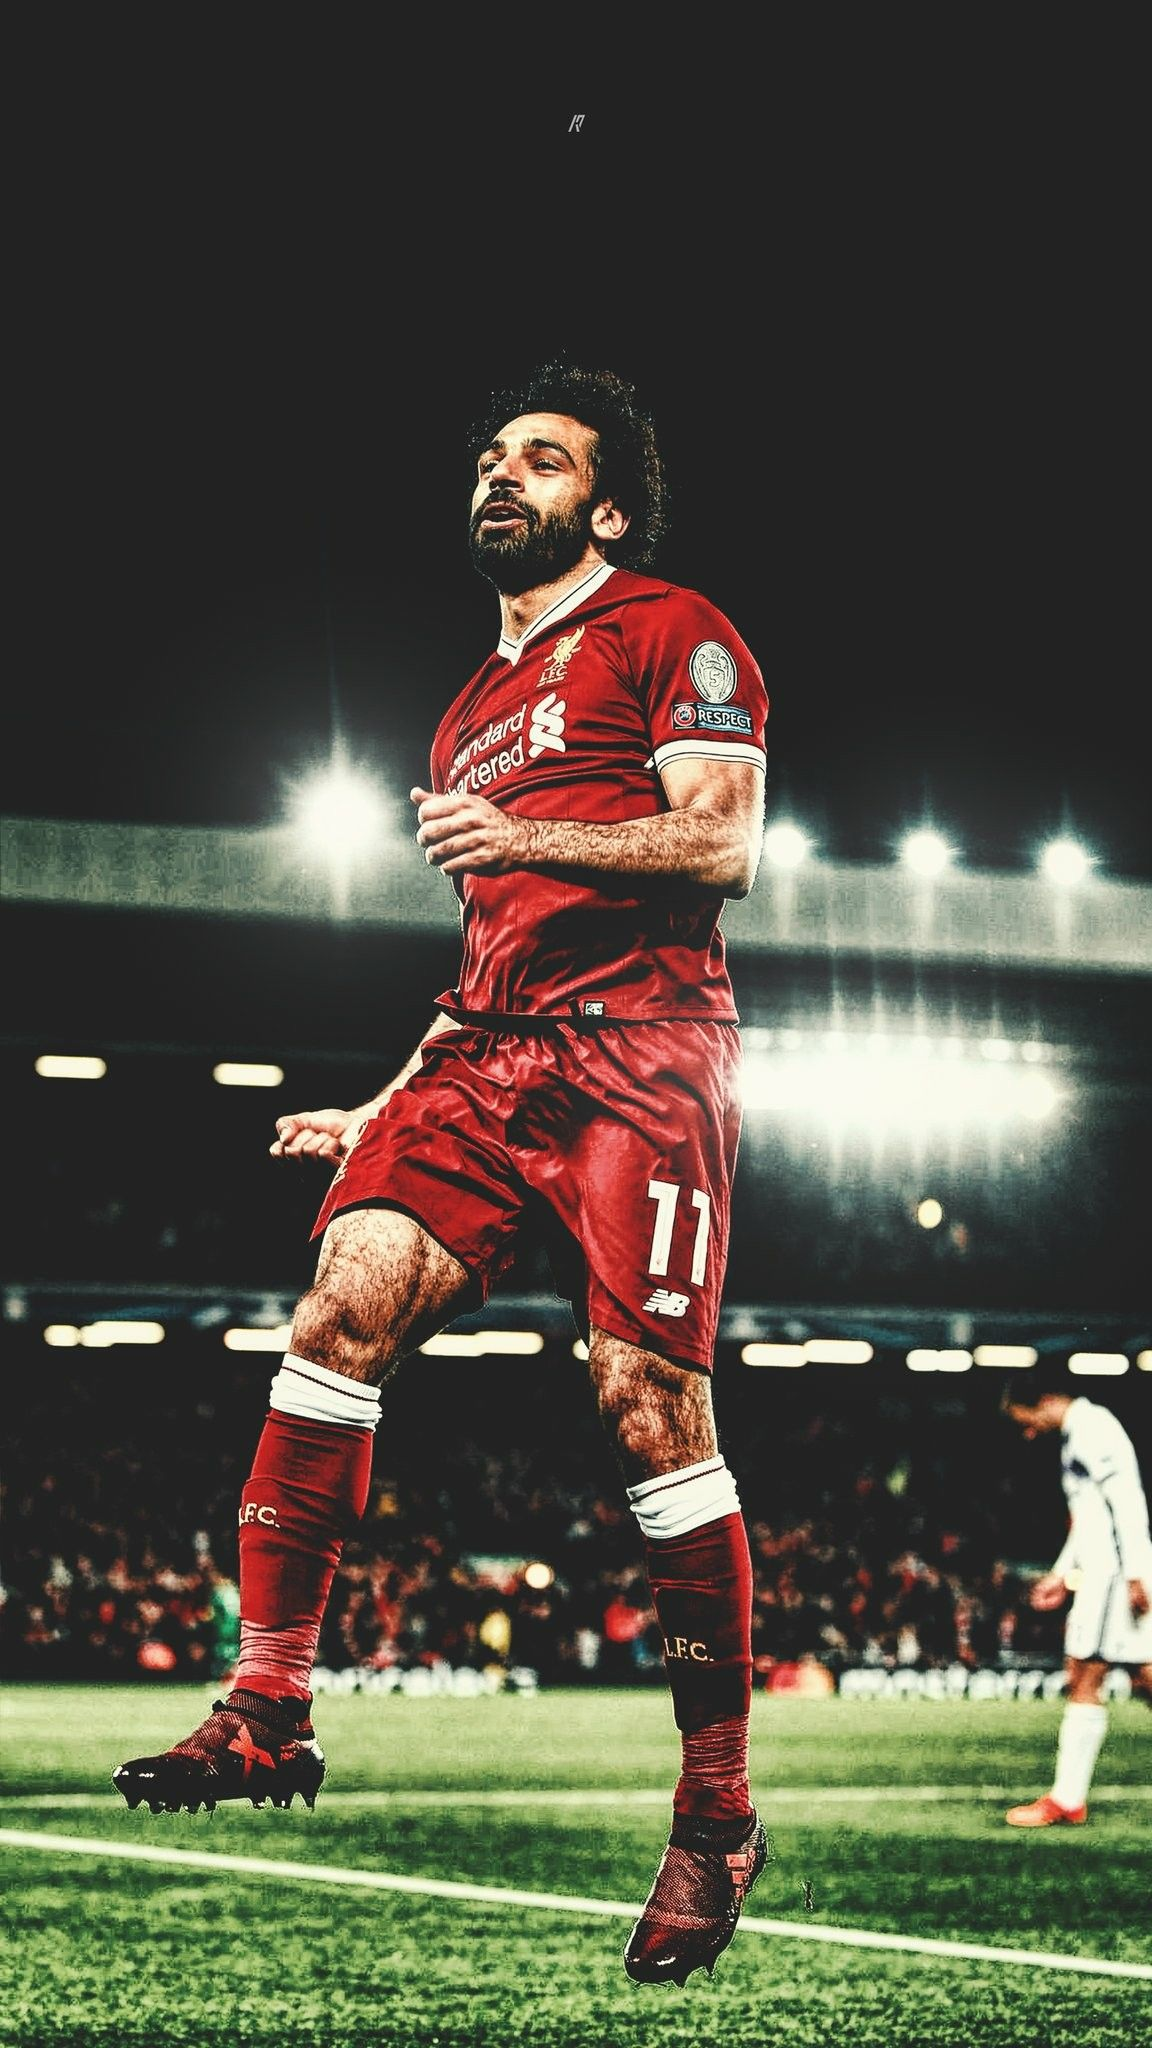 Wallpaper 4 Salah Mohamed Salah Salah Liverpool Mohamed Salah Liverpool